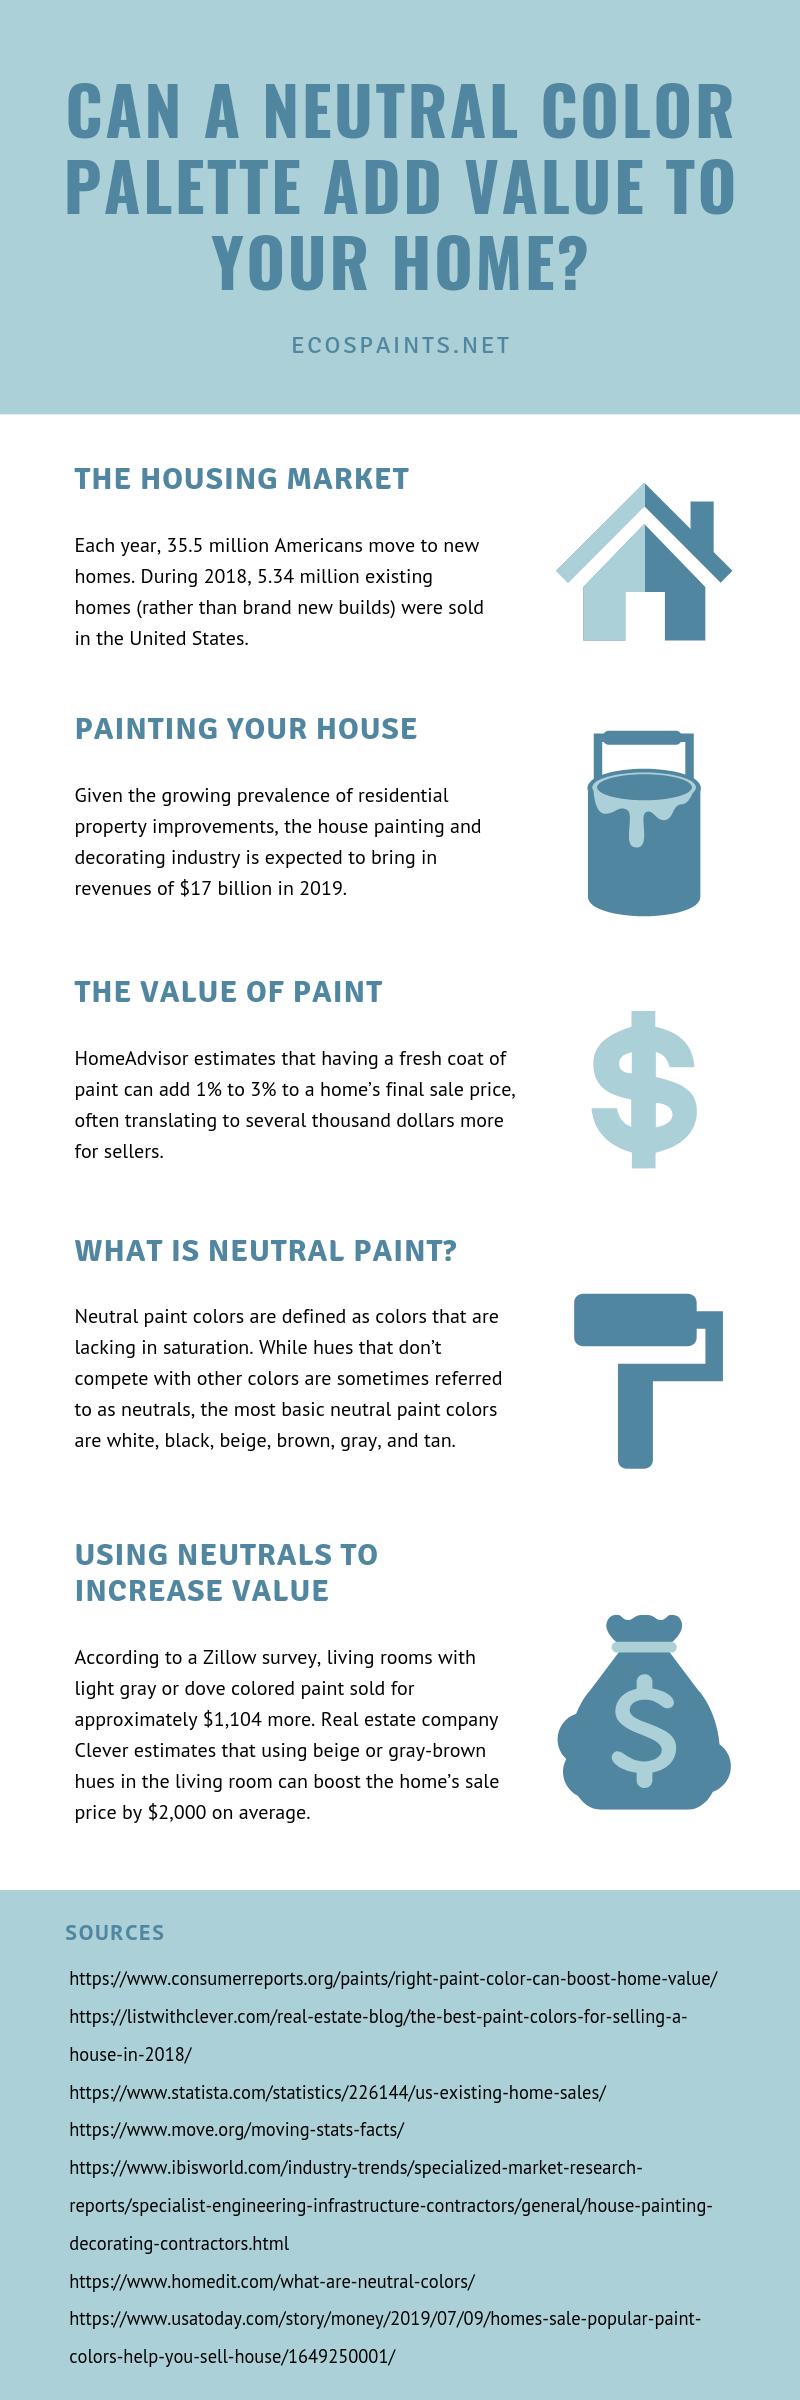 neutral paints